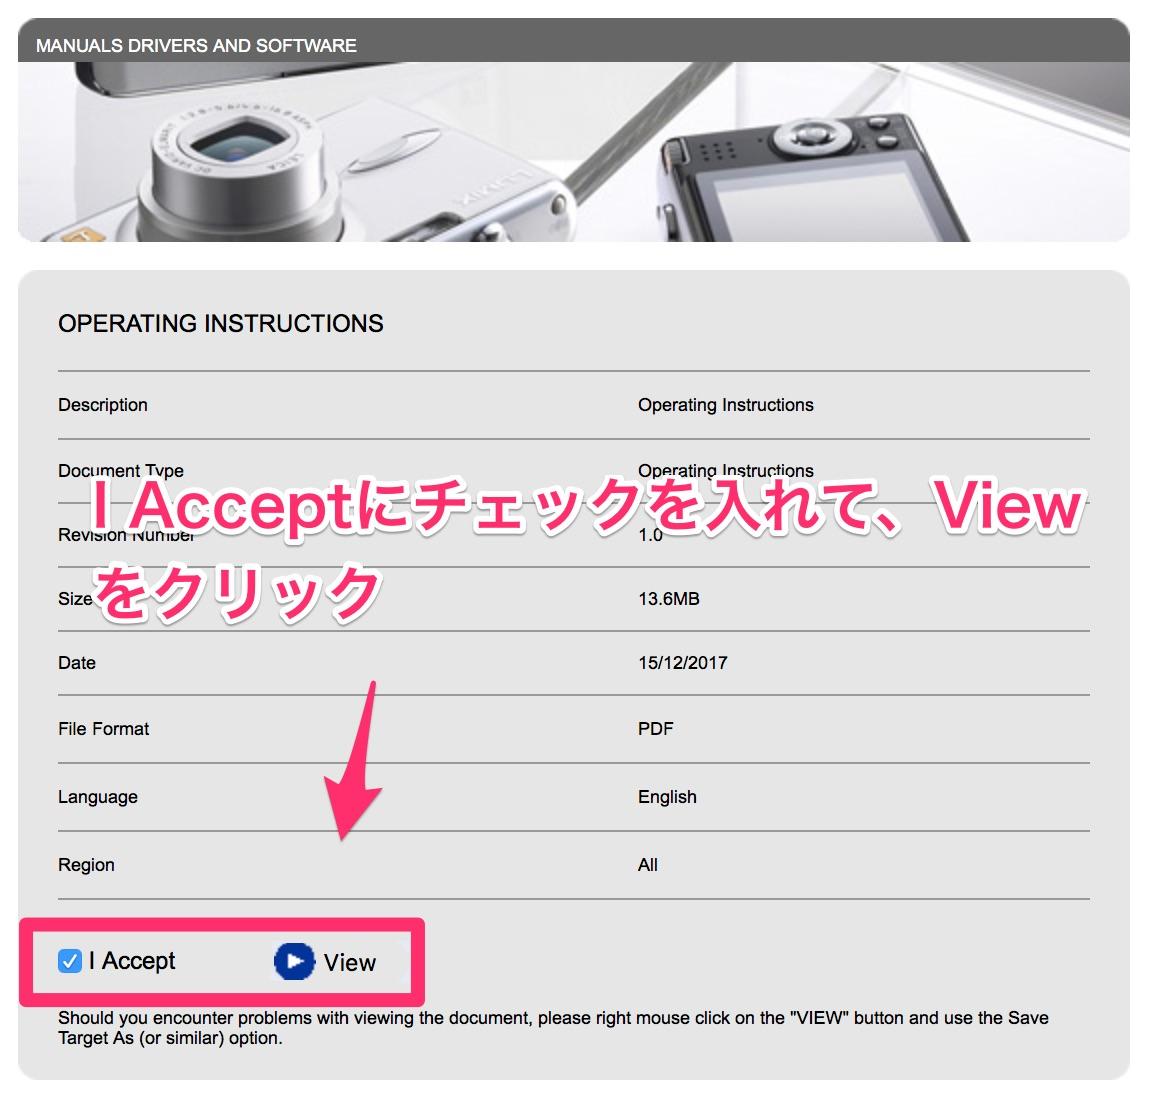 75a8e1f68b72ce7a2d8417b6030ebfd7 - Panasonic G9 PROの英語版のマニュアルが公開されました